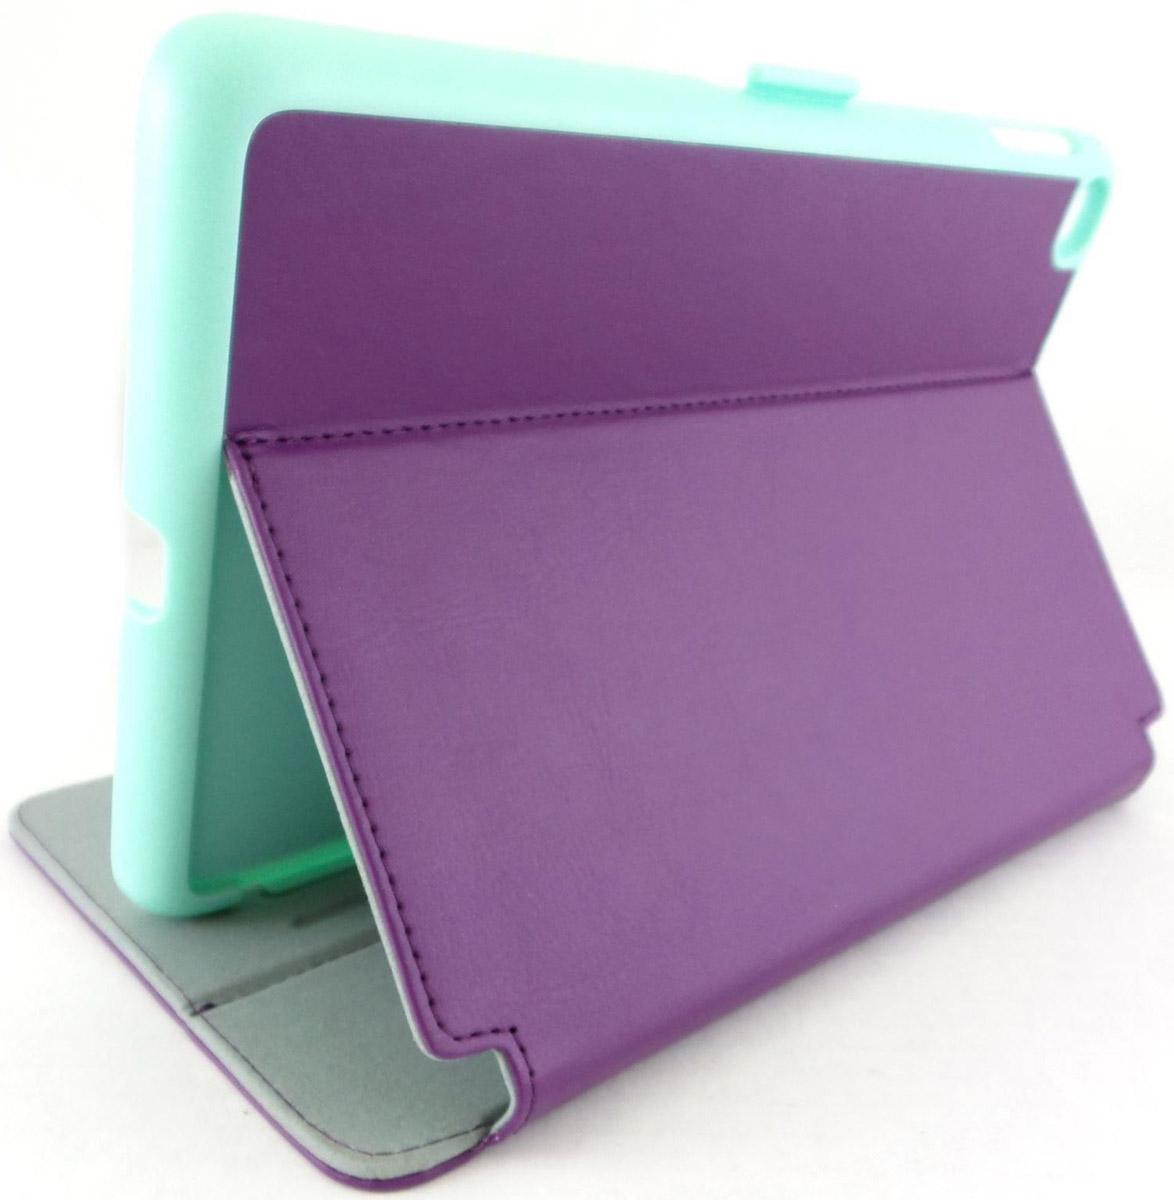 Speck StyleFolio чехол для Apple iPad mini 4, Acai Purple Aloe Green71805-C256Чехол Speck StyleFolio для планшета Apple iPad mini 4 надежно защищает ваше устройство от случайных ударов и царапин, а так же от внешних воздействий, грязи, пыли и брызг. Крышку можно использовать в качестве настольной подставки для вашего устройства. Чехол приятен на ощупь и имеет стильный внешний вид. Он также обеспечивает свободный доступ ко всем функциональным кнопкам планшета и камере.